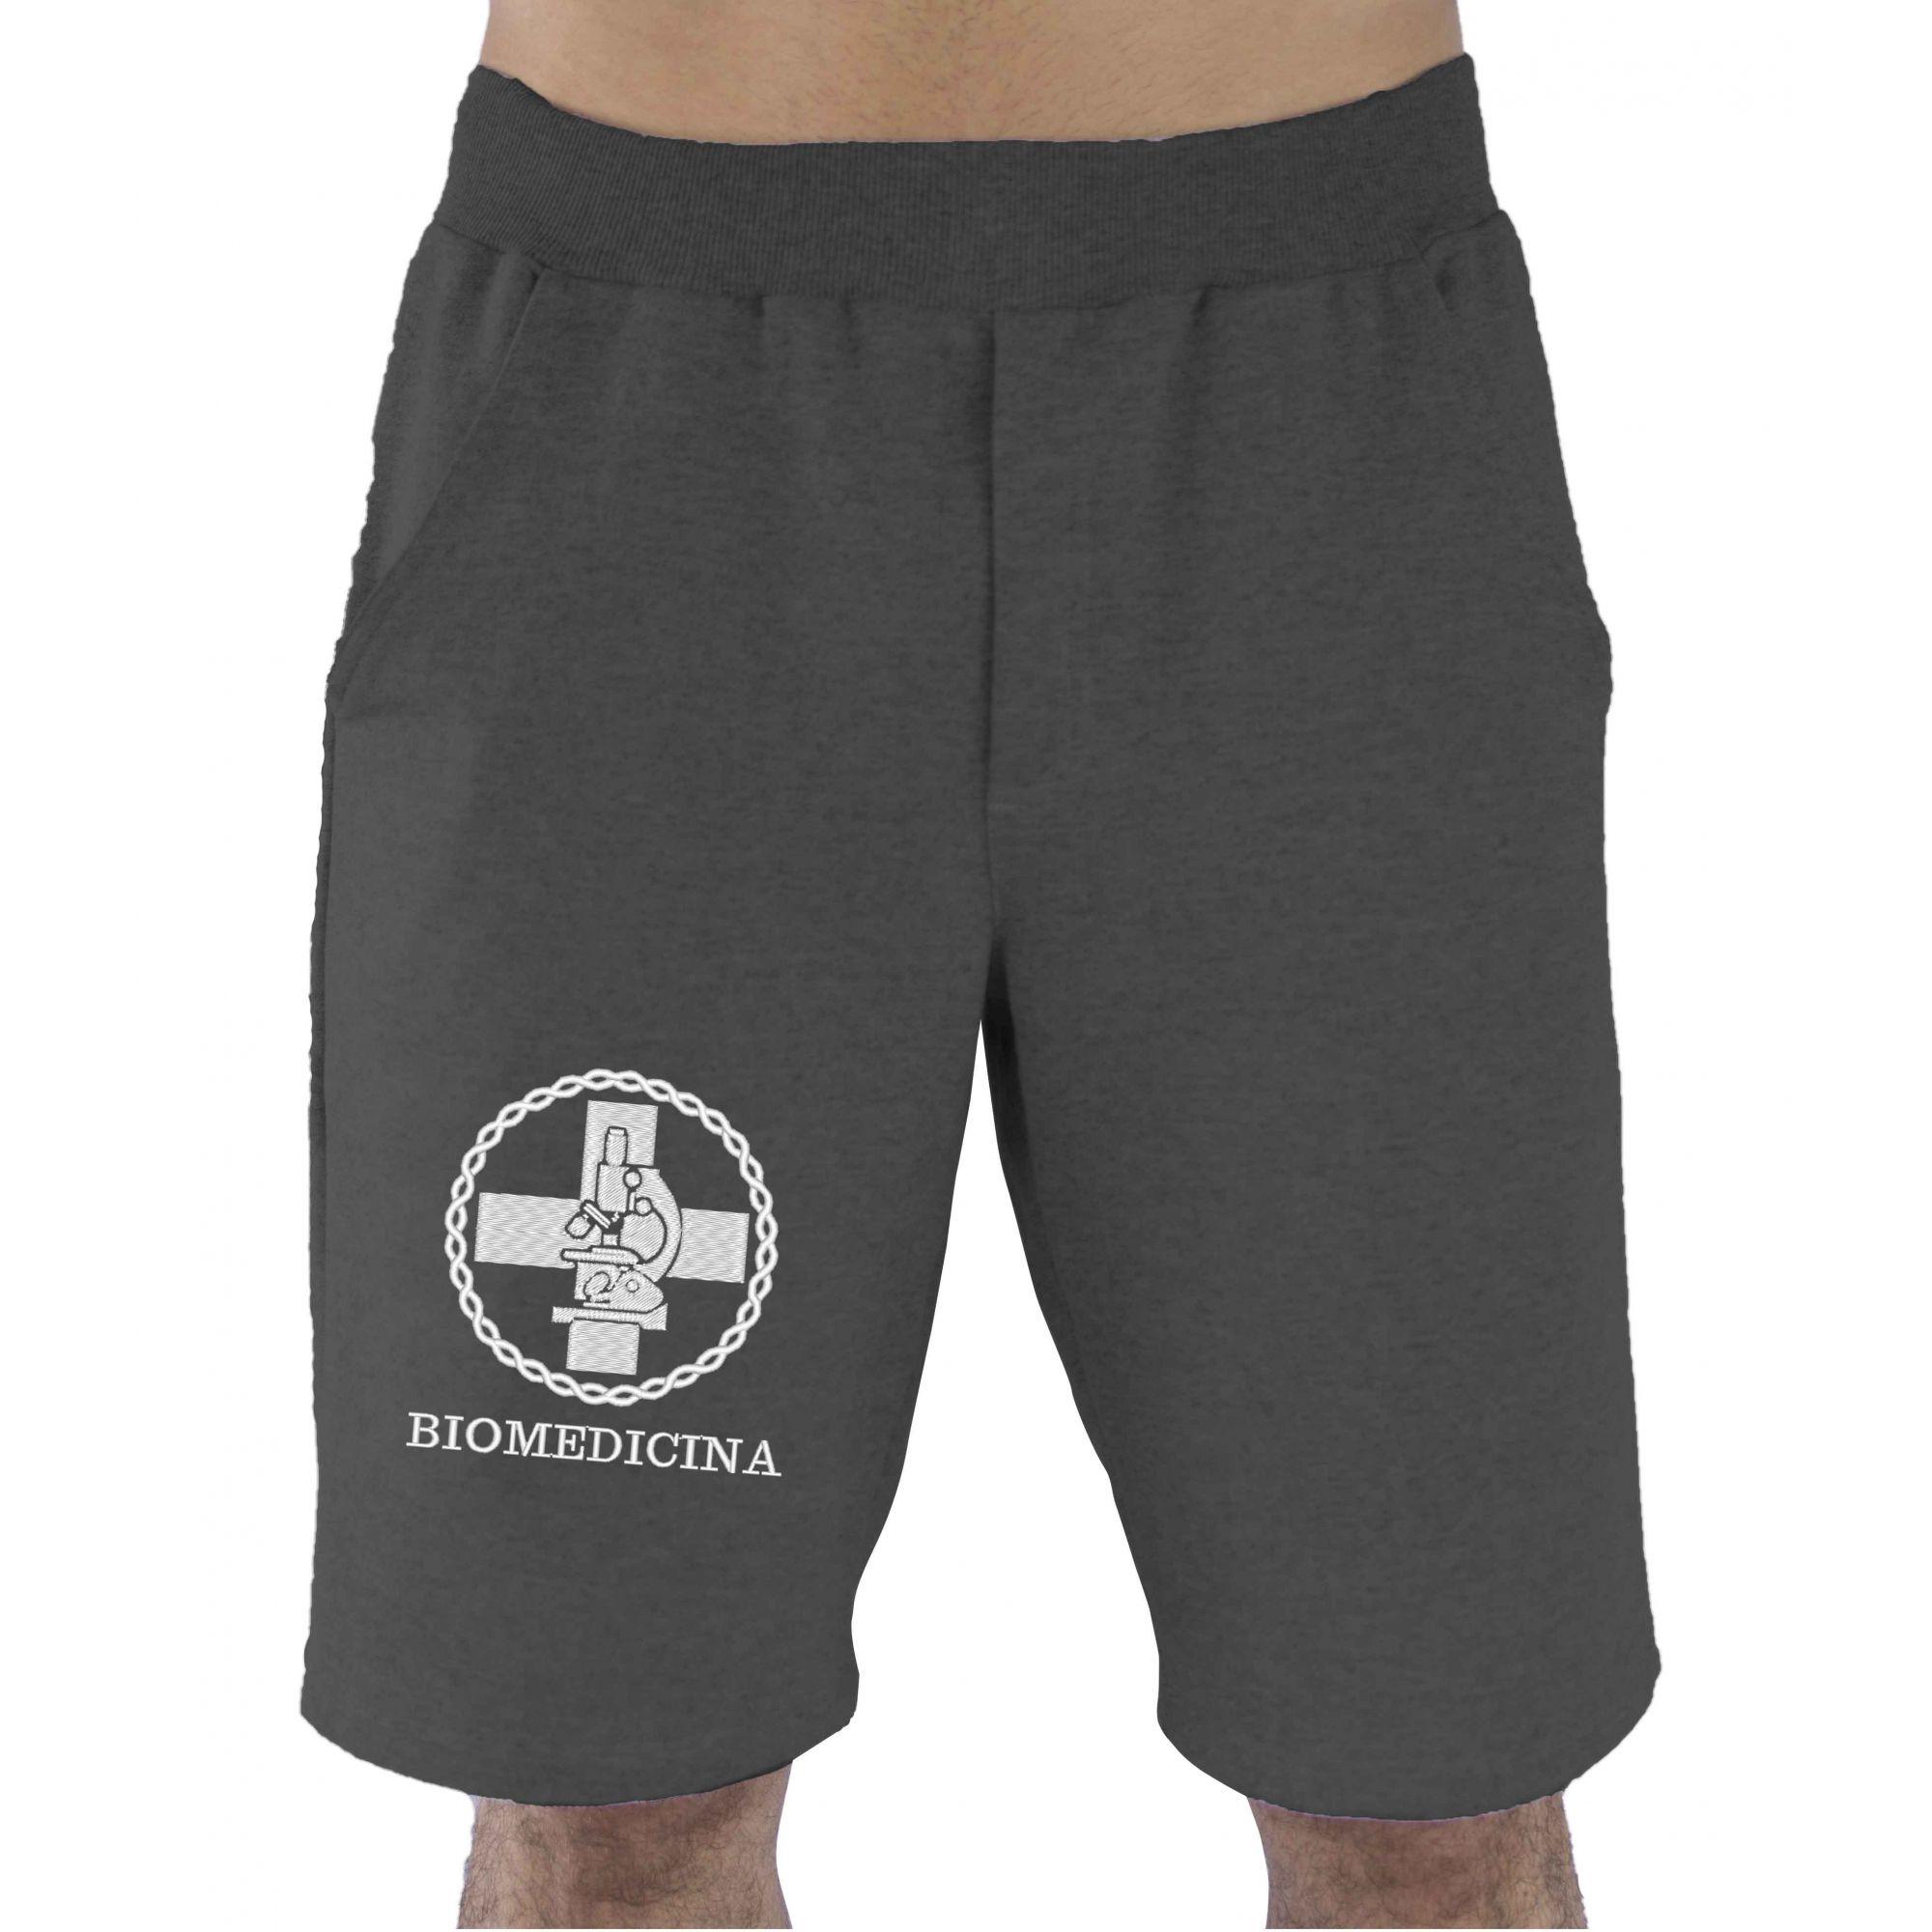 Short Biomedicina